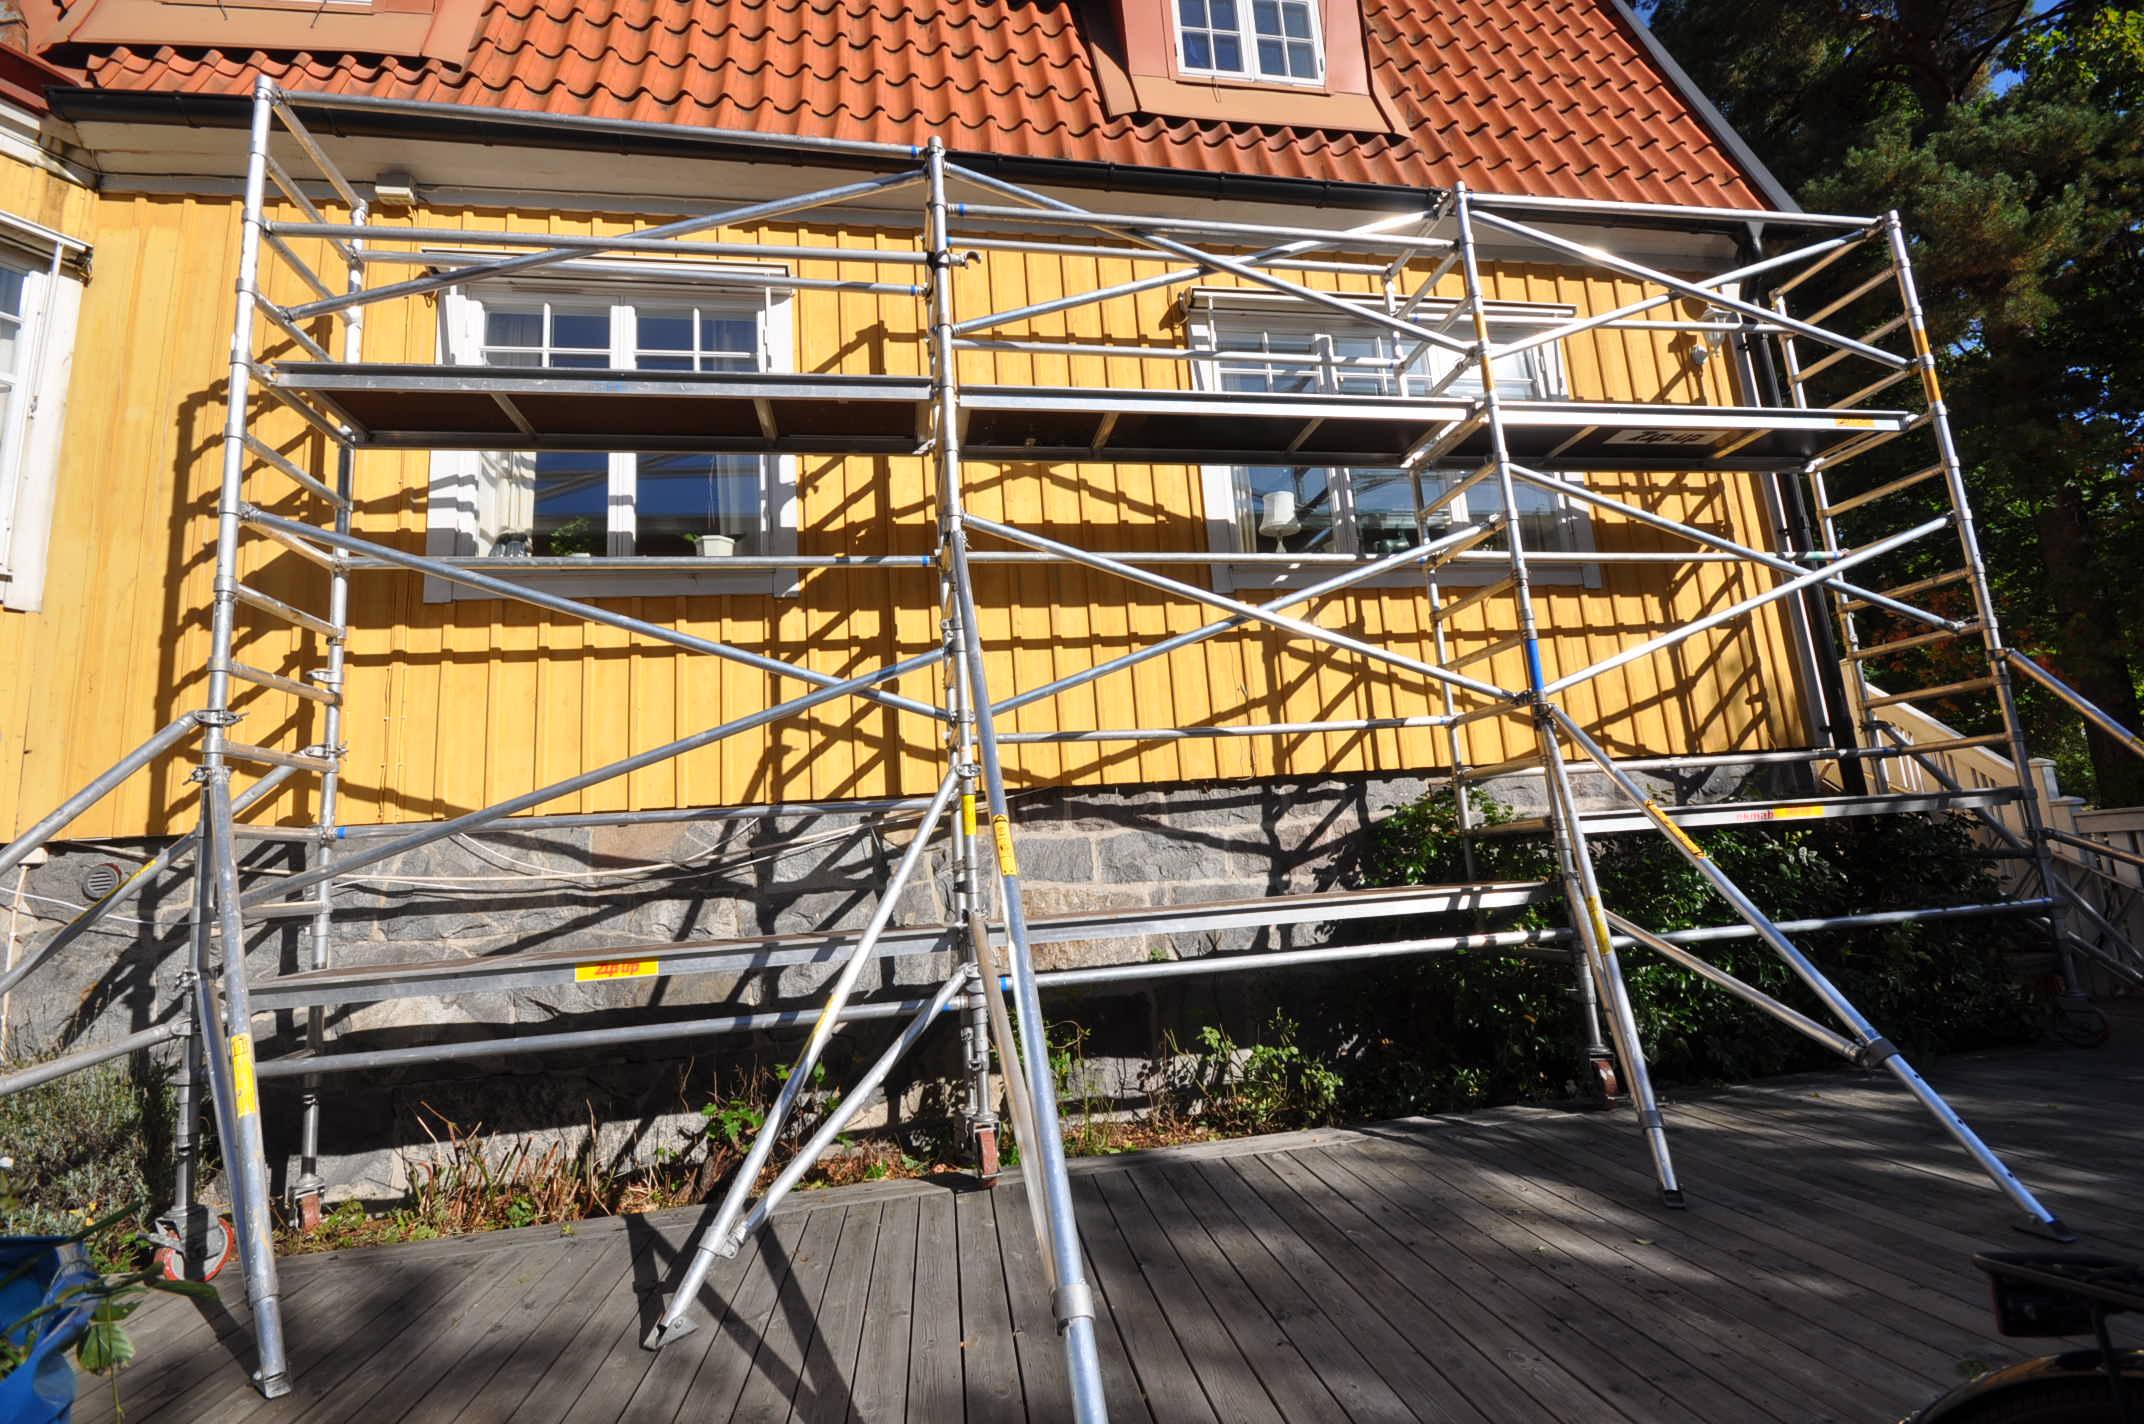 Smal byggställning flera sektioner bilder h9.se hyr byggställning (3)